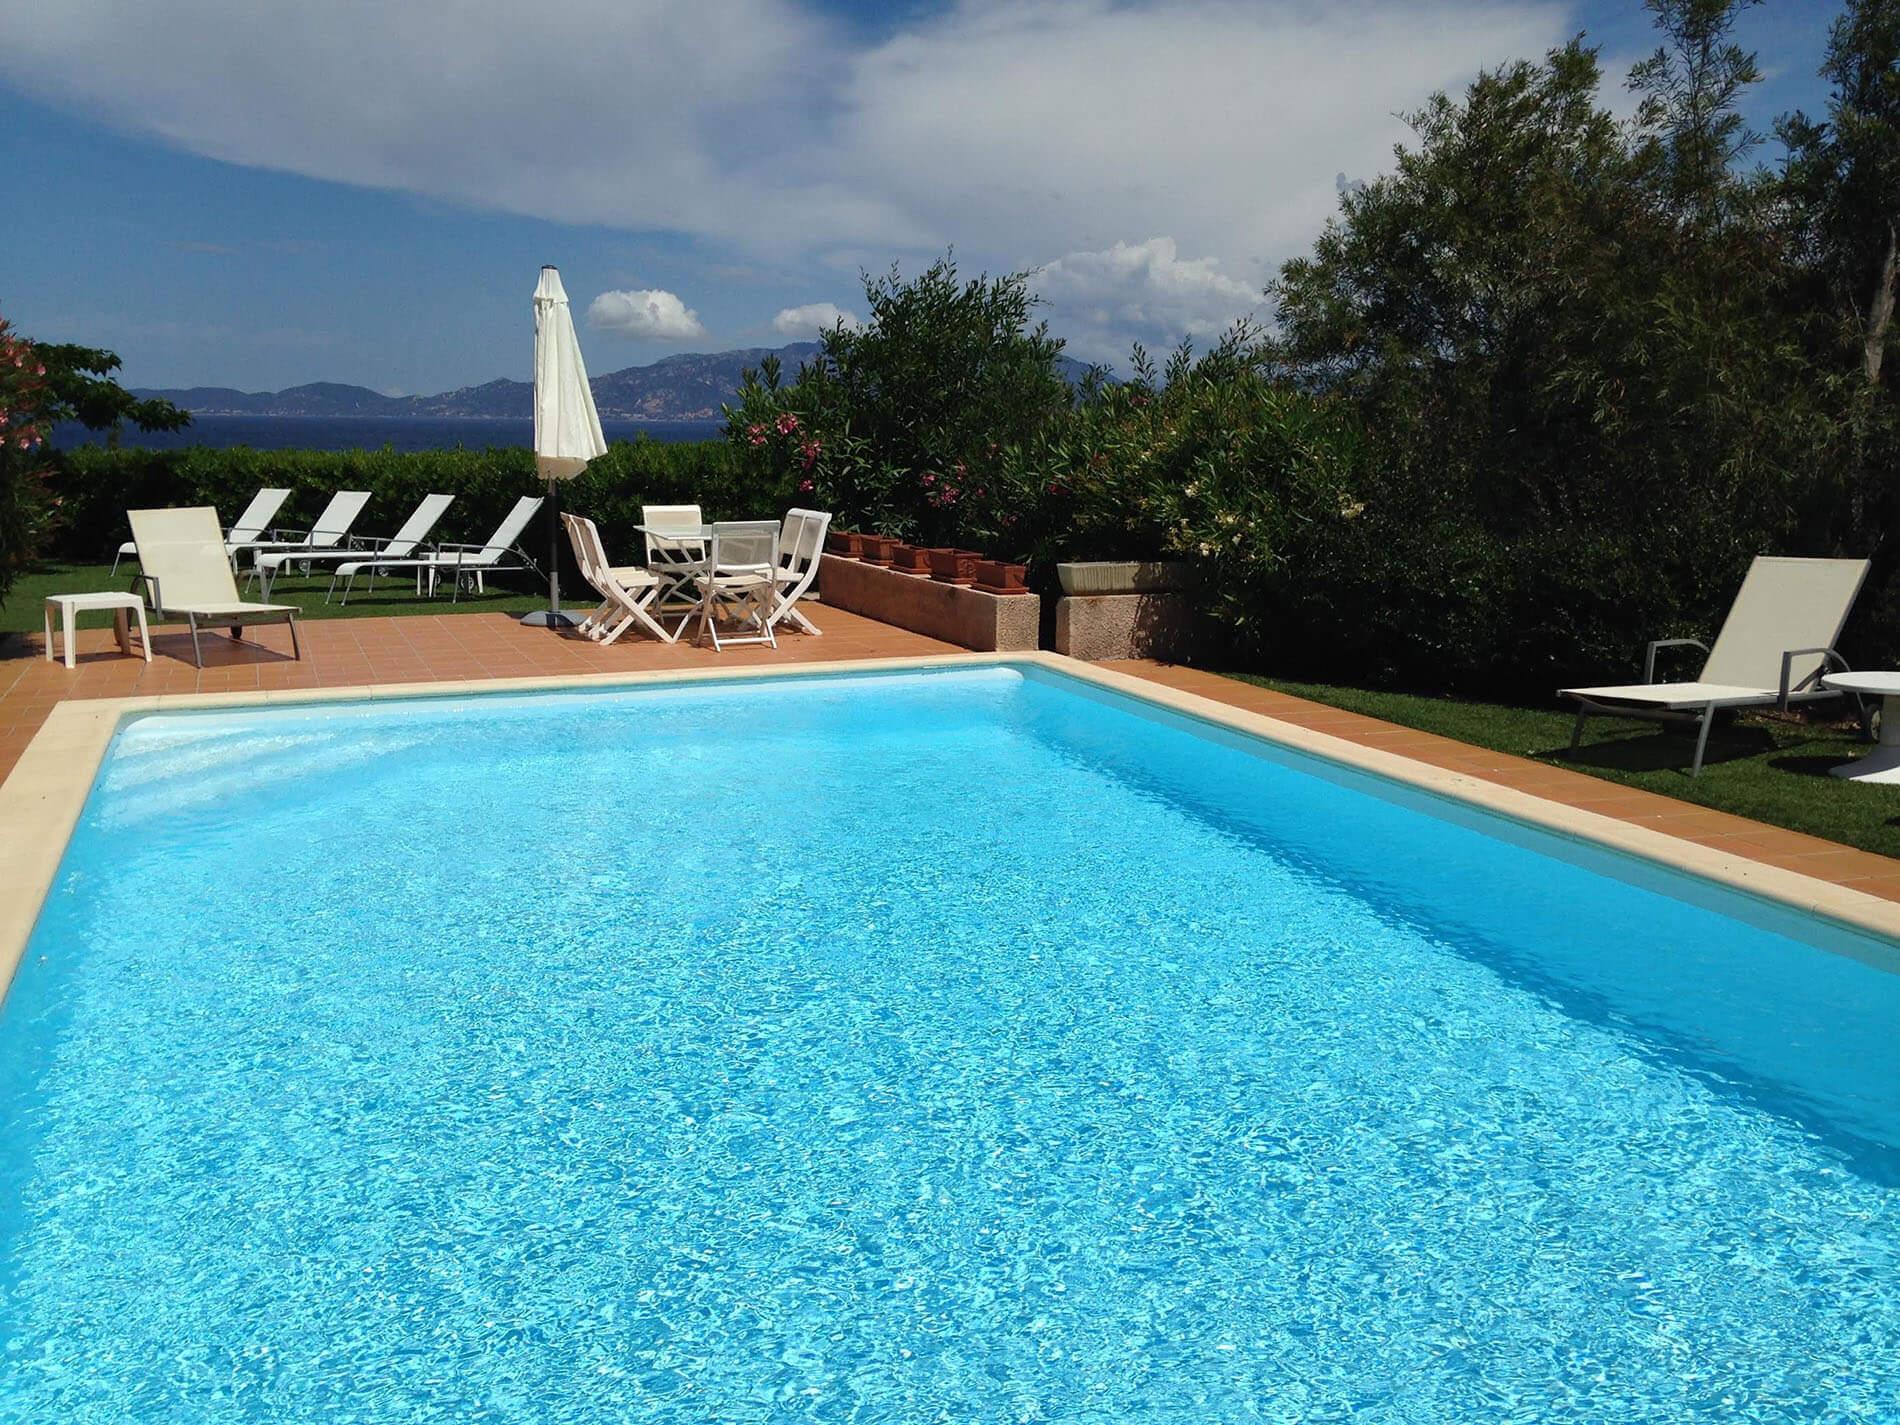 U Castellu Pool